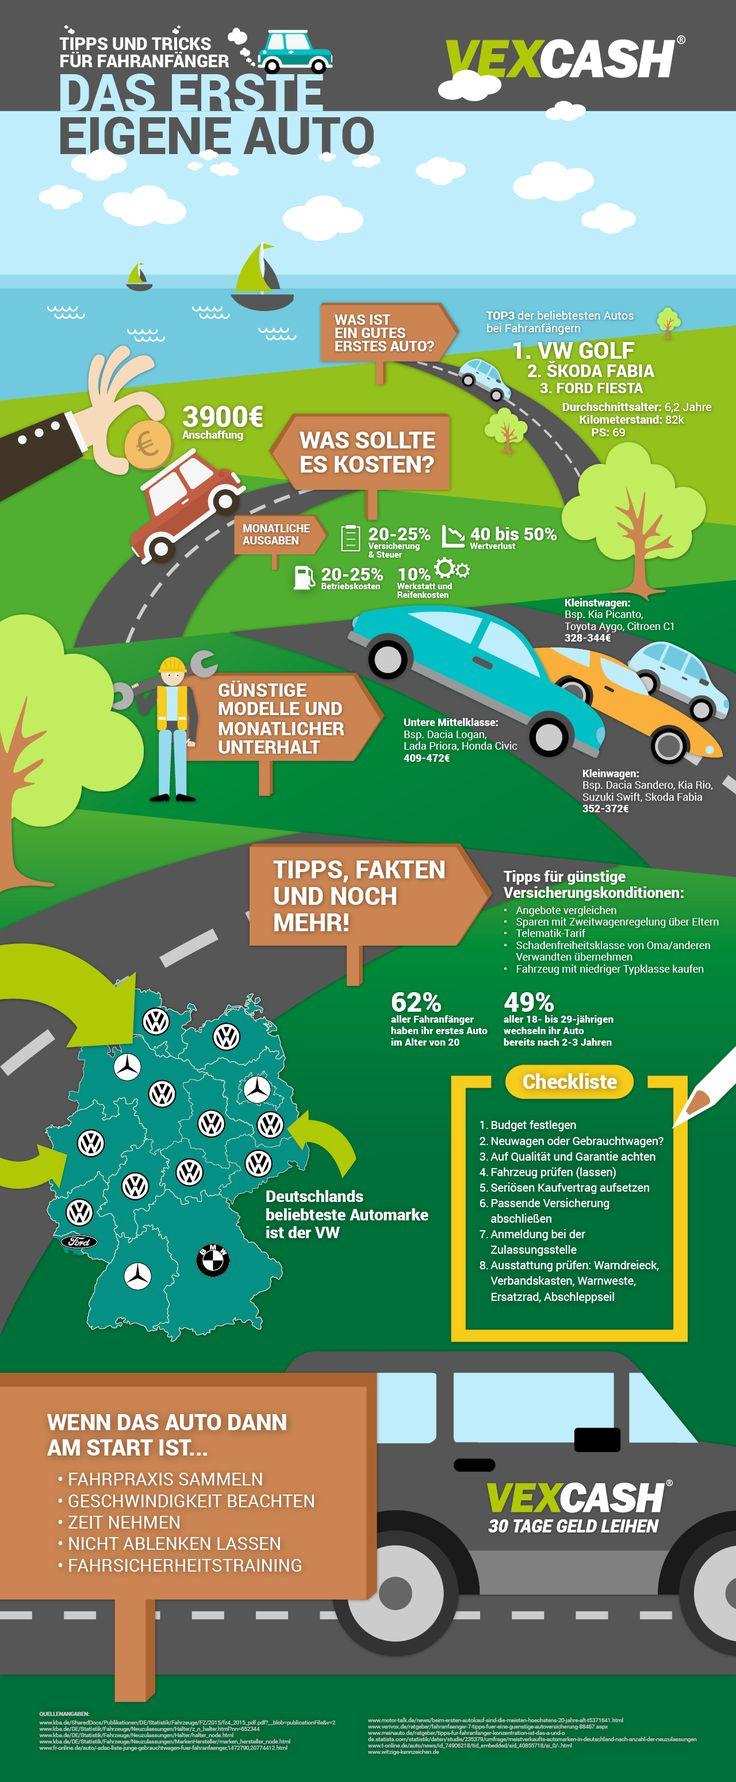 Infografik zum Thema Das erste eigene Auto  Ratgeber für Fahranfänger und zahlreiche Tipps zum kauf des ersten Autos